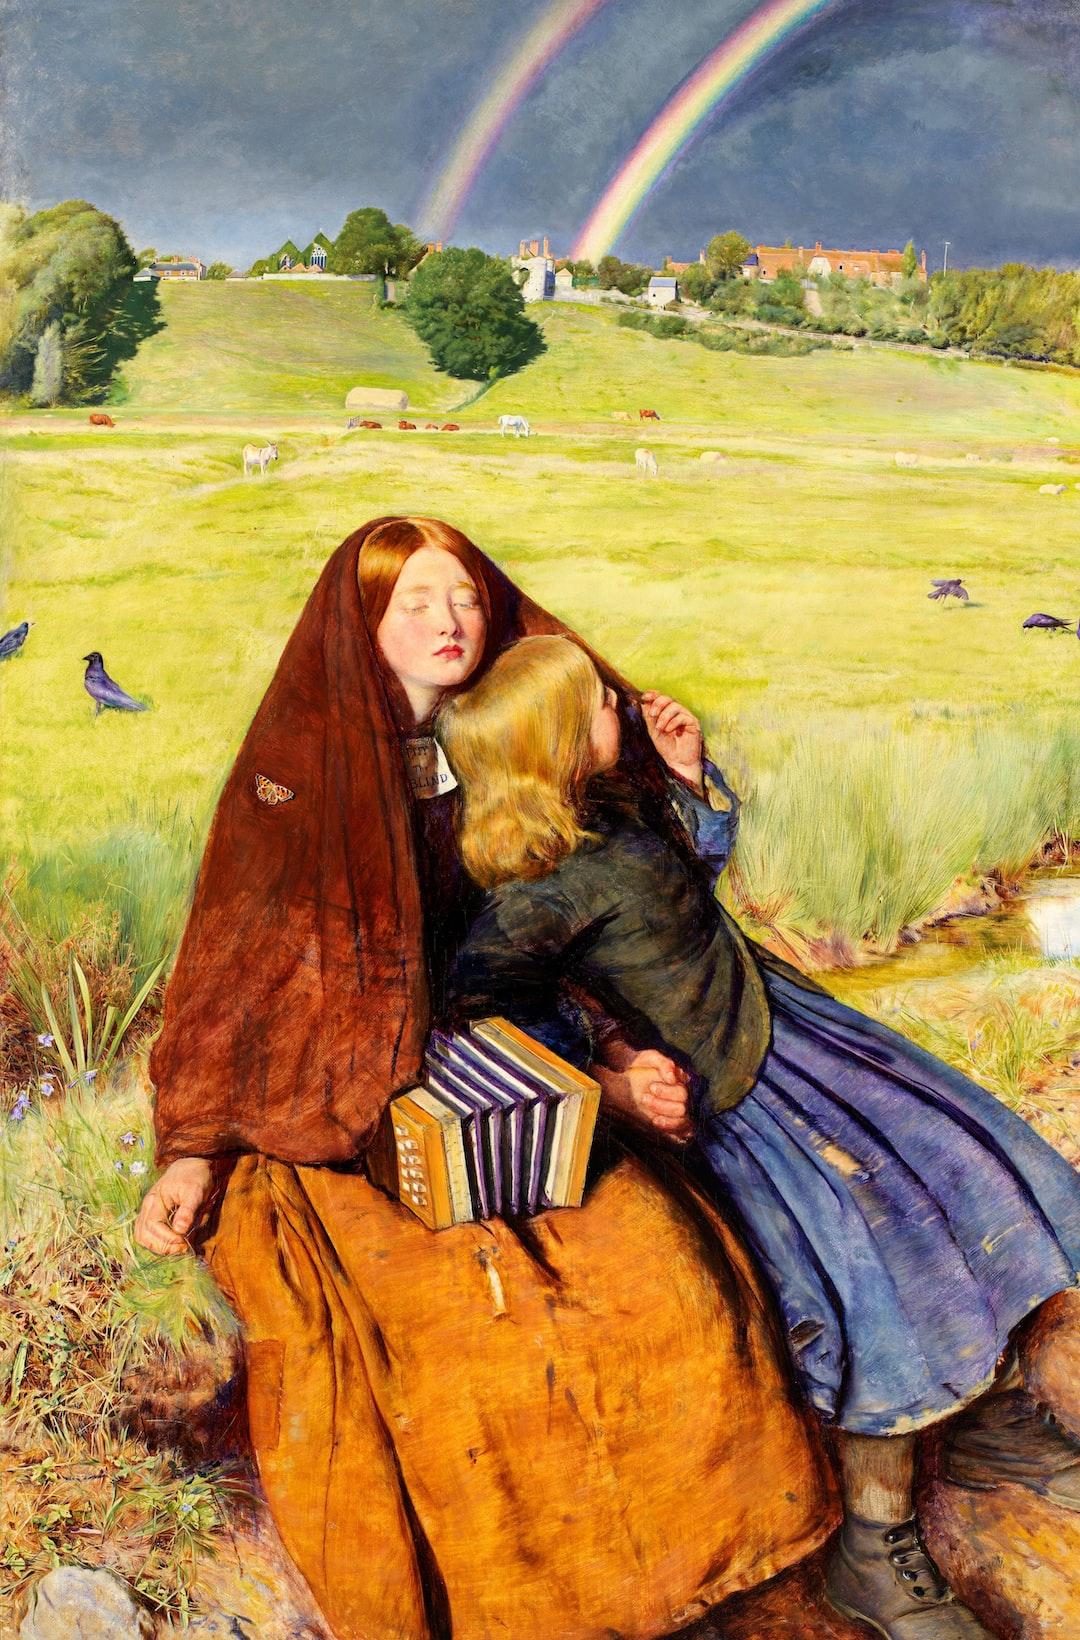 The Blind Girl, 1856. Artist: John Everett Millais, Oil on canvas